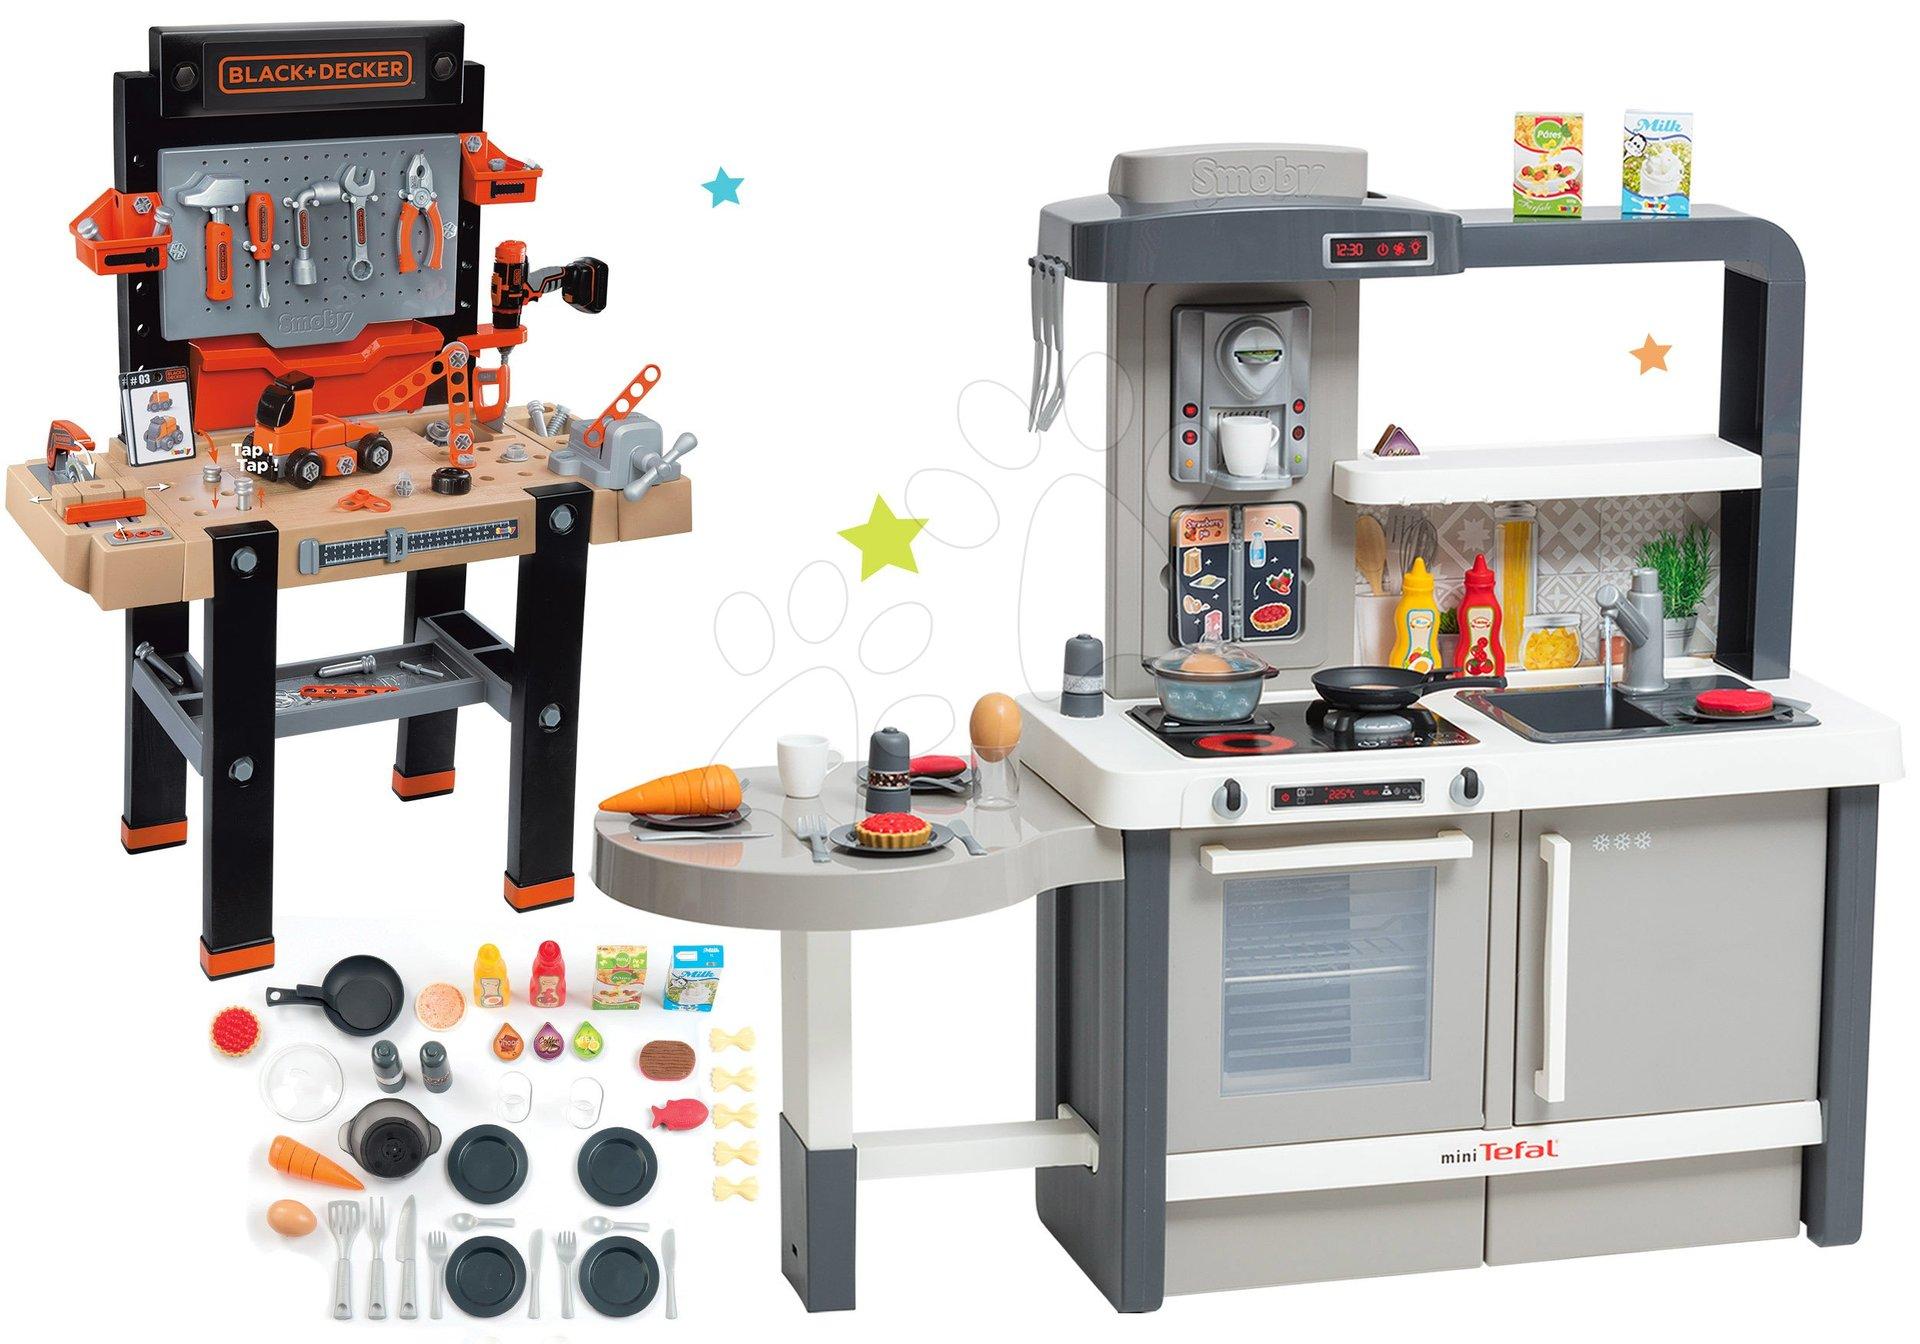 Set kuchyňka rostoucí s tekoucí vodou Tefal Evolutive Smoby a pracovní dílna Black+Decker elektronická s vrtačkou